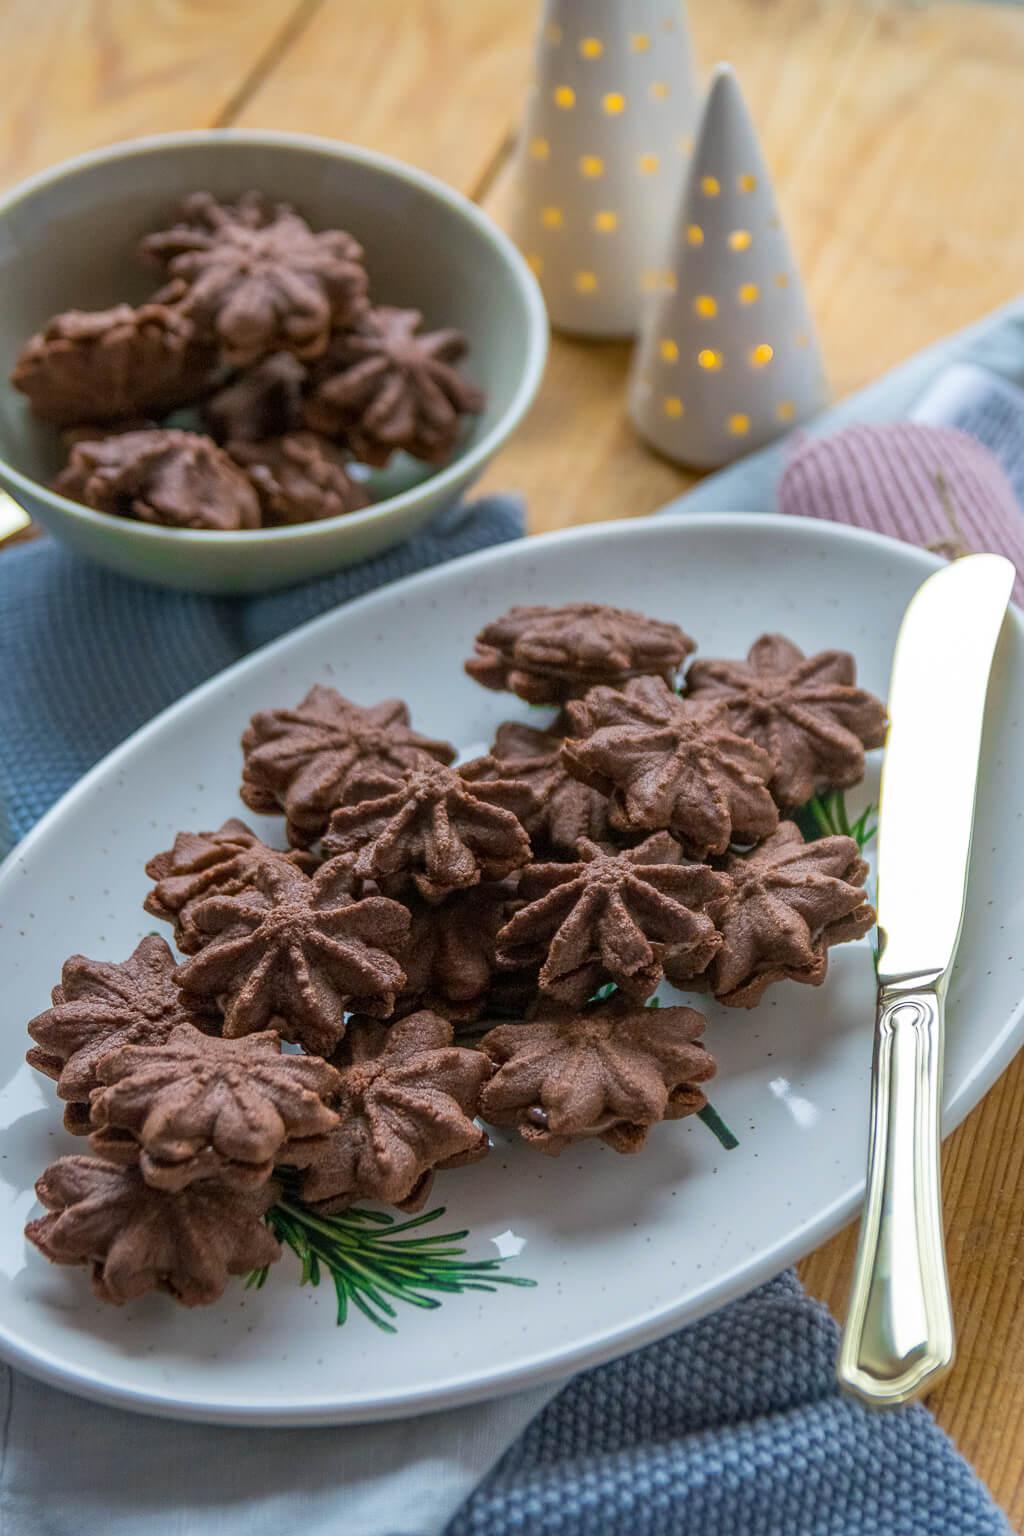 Wir backen die Kekse nach einem Ursprungsrezept von Dr. Oetker - Nougat Tuffs